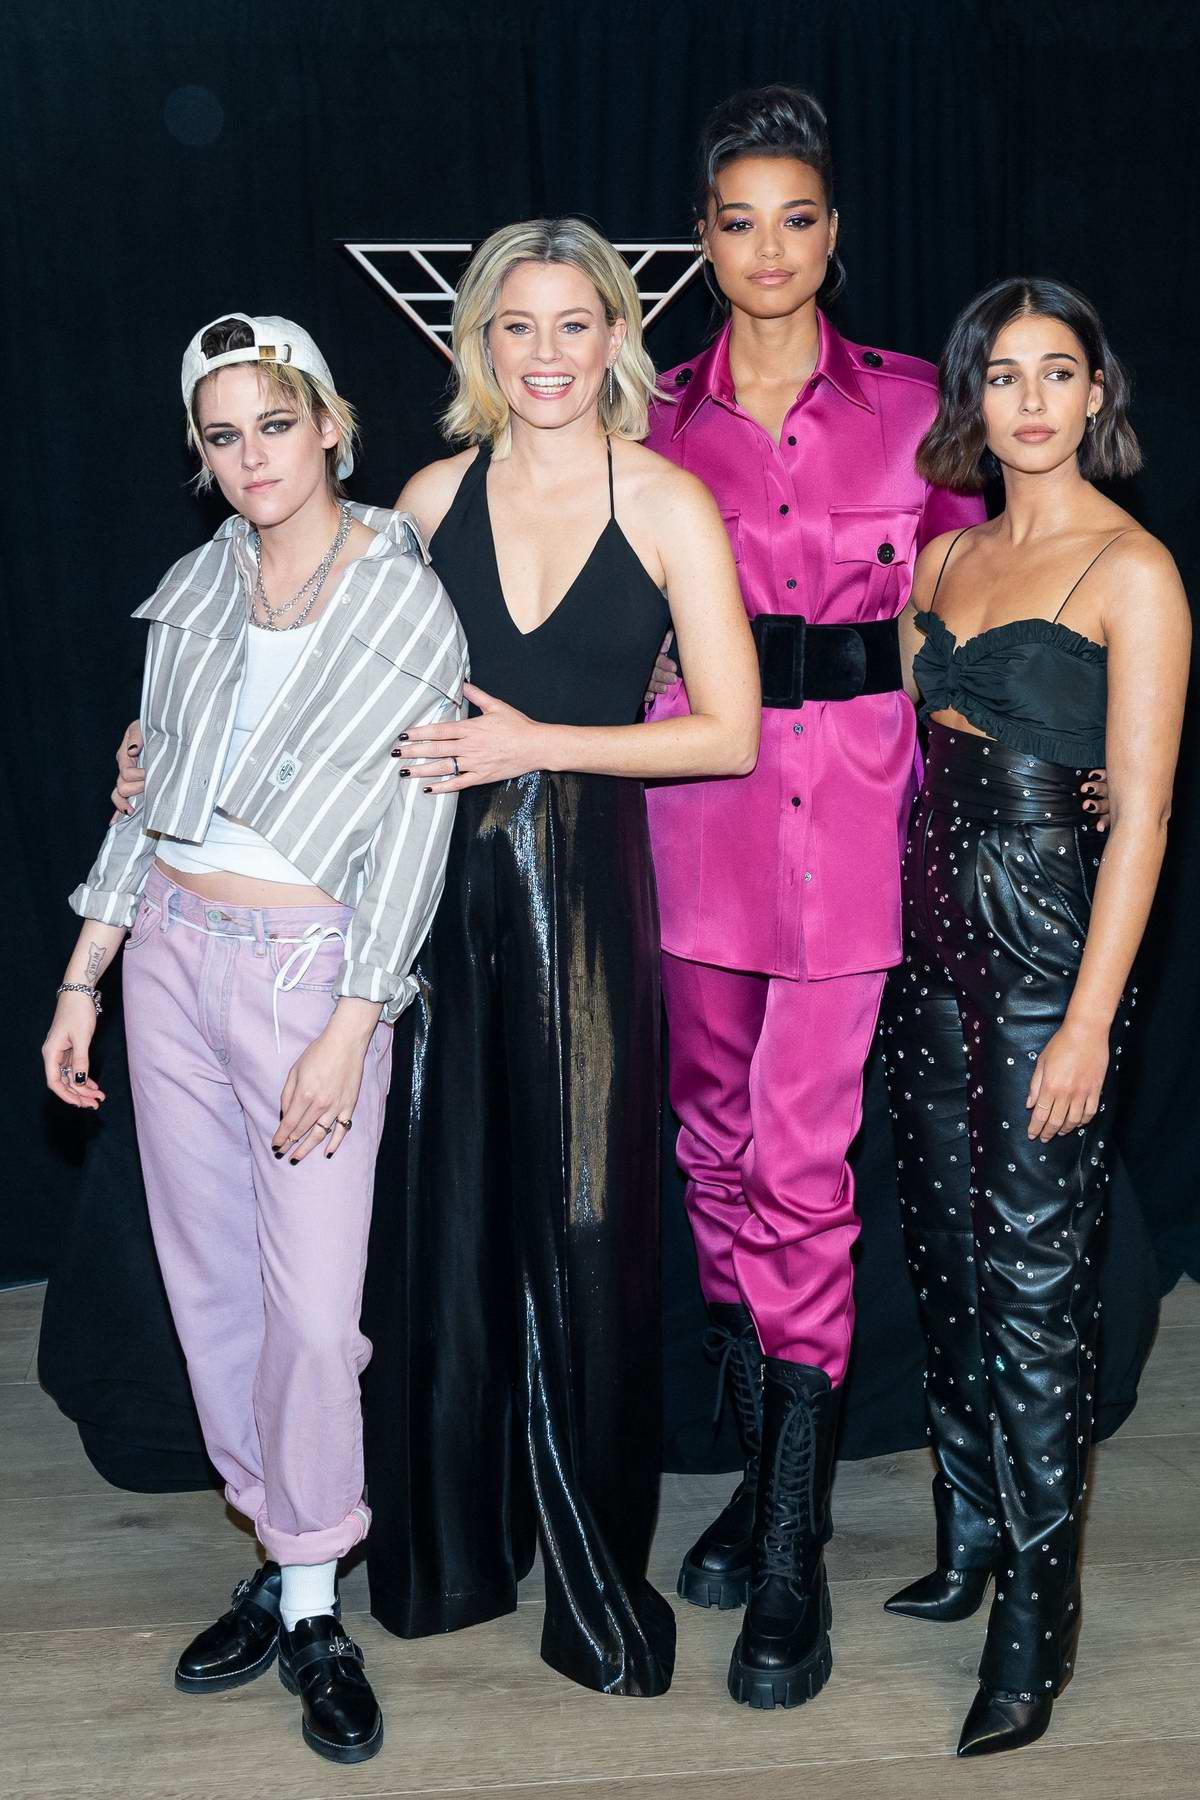 Kristen Stewart, Naomi Scott, Ella Balinska, and Elizabeth Bank attend a 'Charlie's Angels' Photocall in New York City